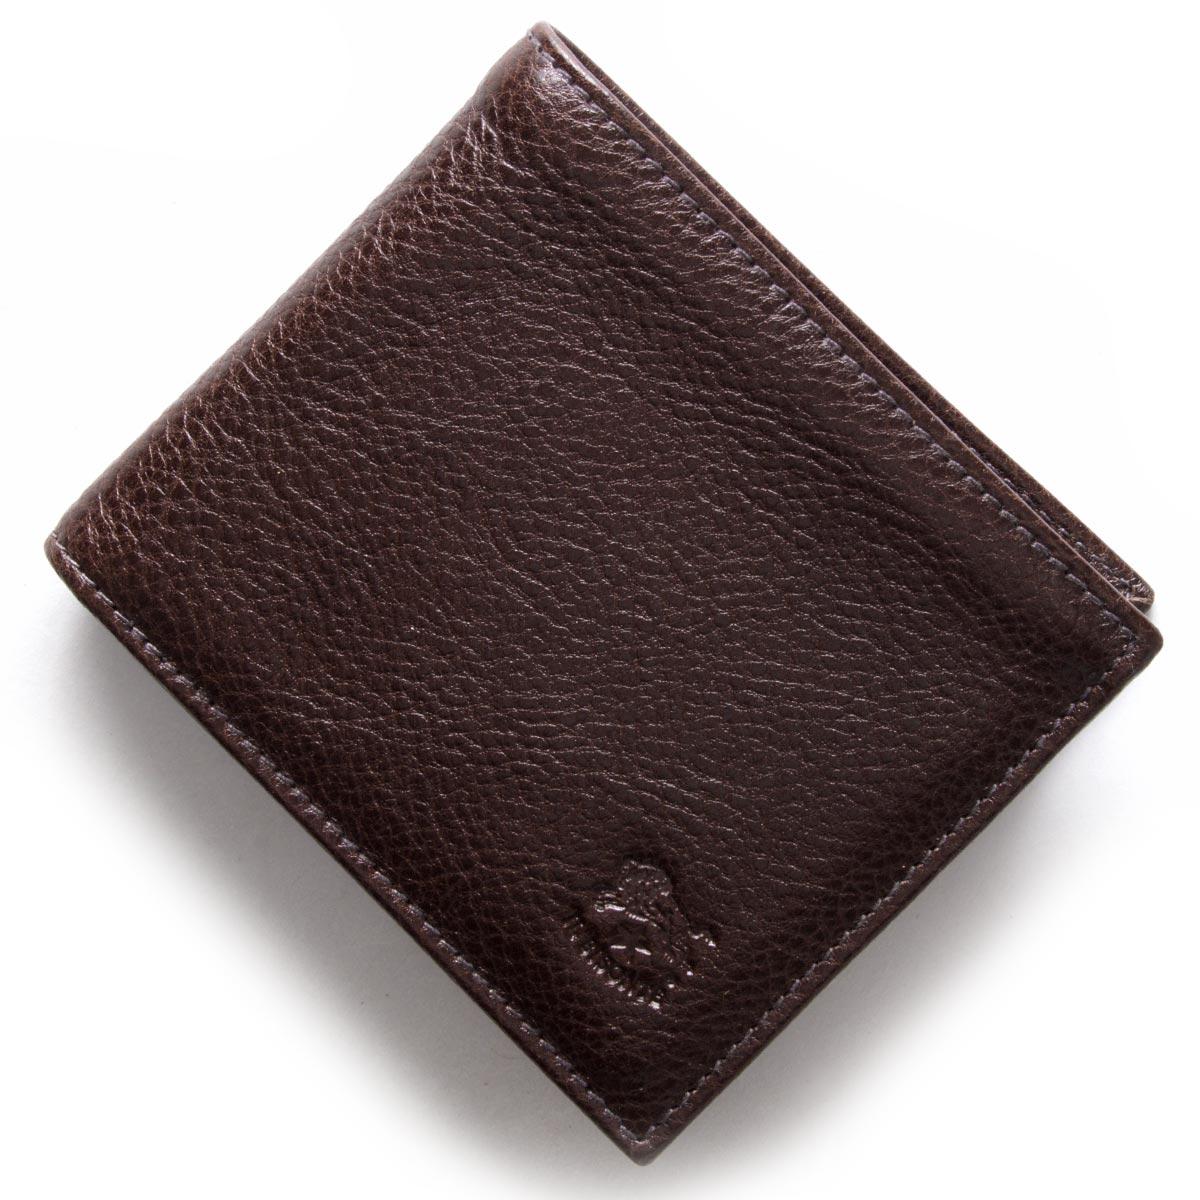 イルビゾンテ 二つ折り財布 財布 メンズ レディース スタンダード STANDARD モカブラウン C0817 P 455 IL BISONTE